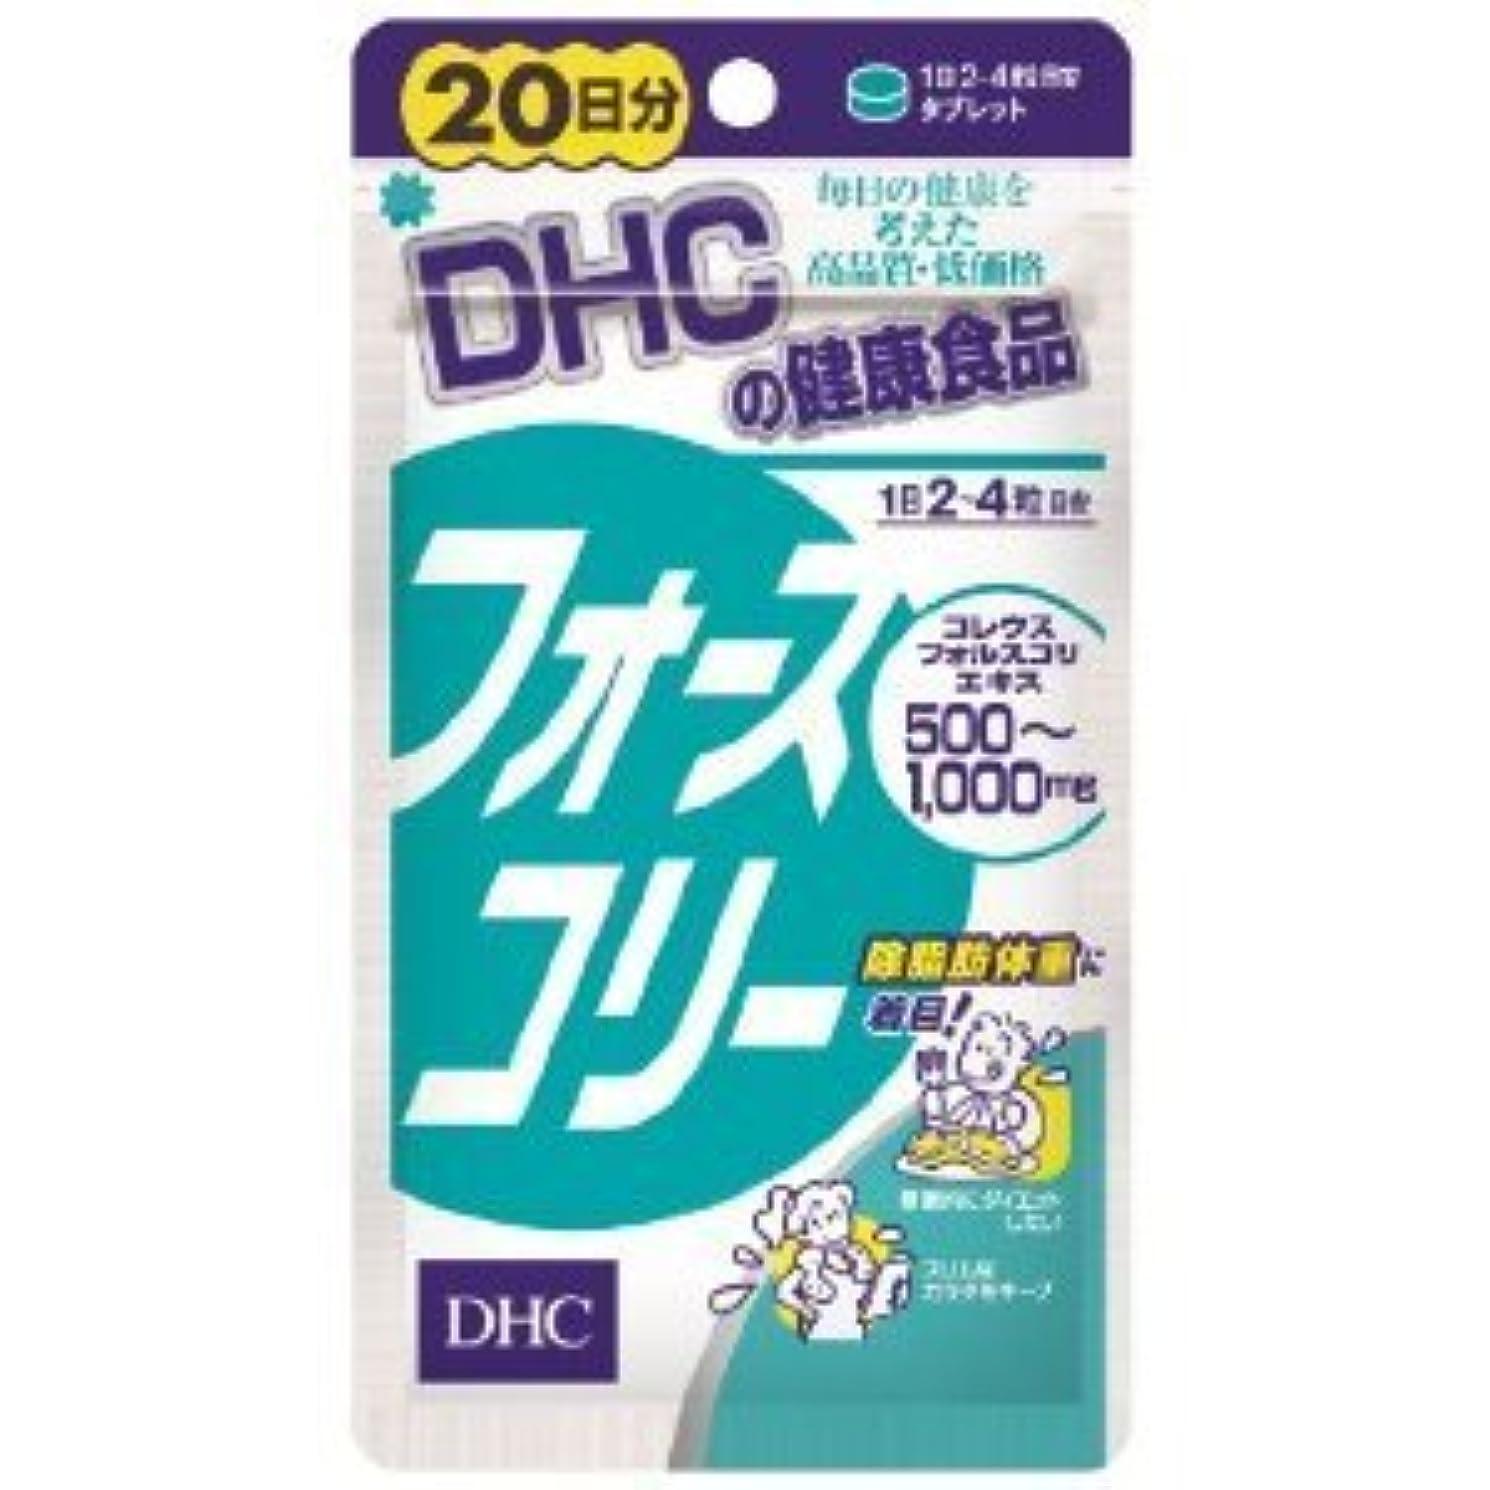 パンサー不規則な食事DHC フォースコリー 80粒 20日分 賞味期限 201604